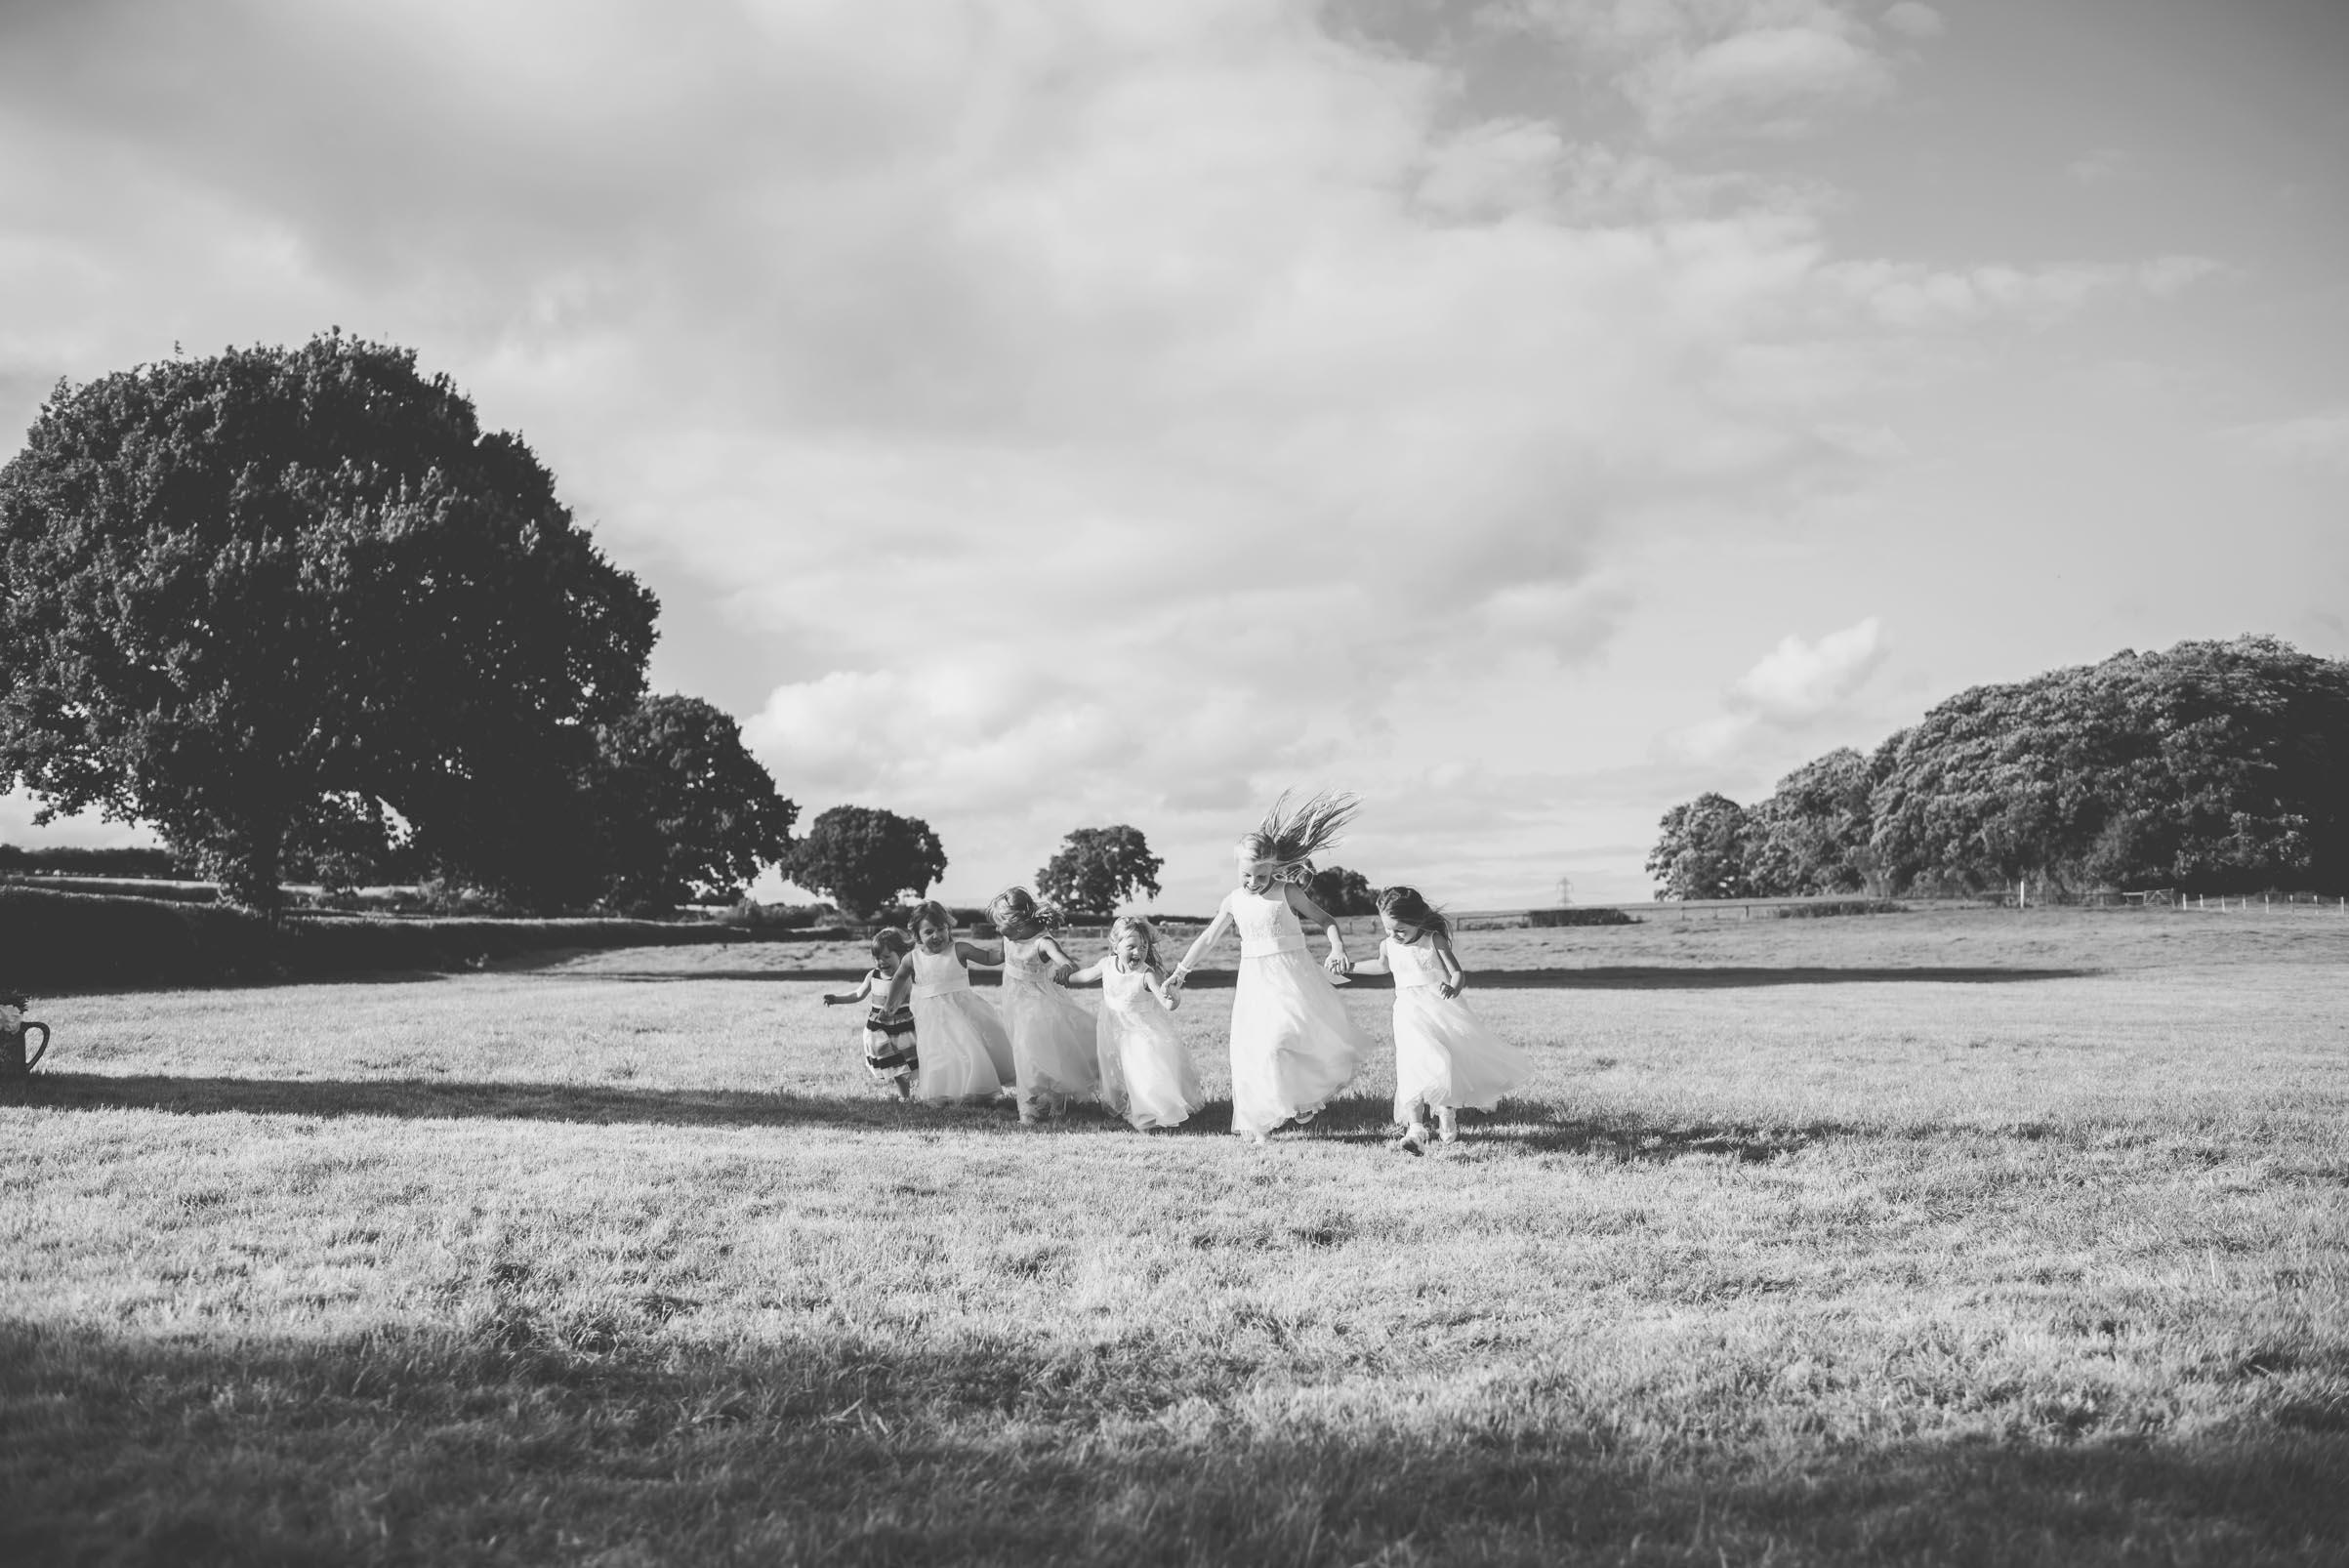 Farm-wedding-staffordshire-st-marys-catholic-church-uttoxter-112.jpg